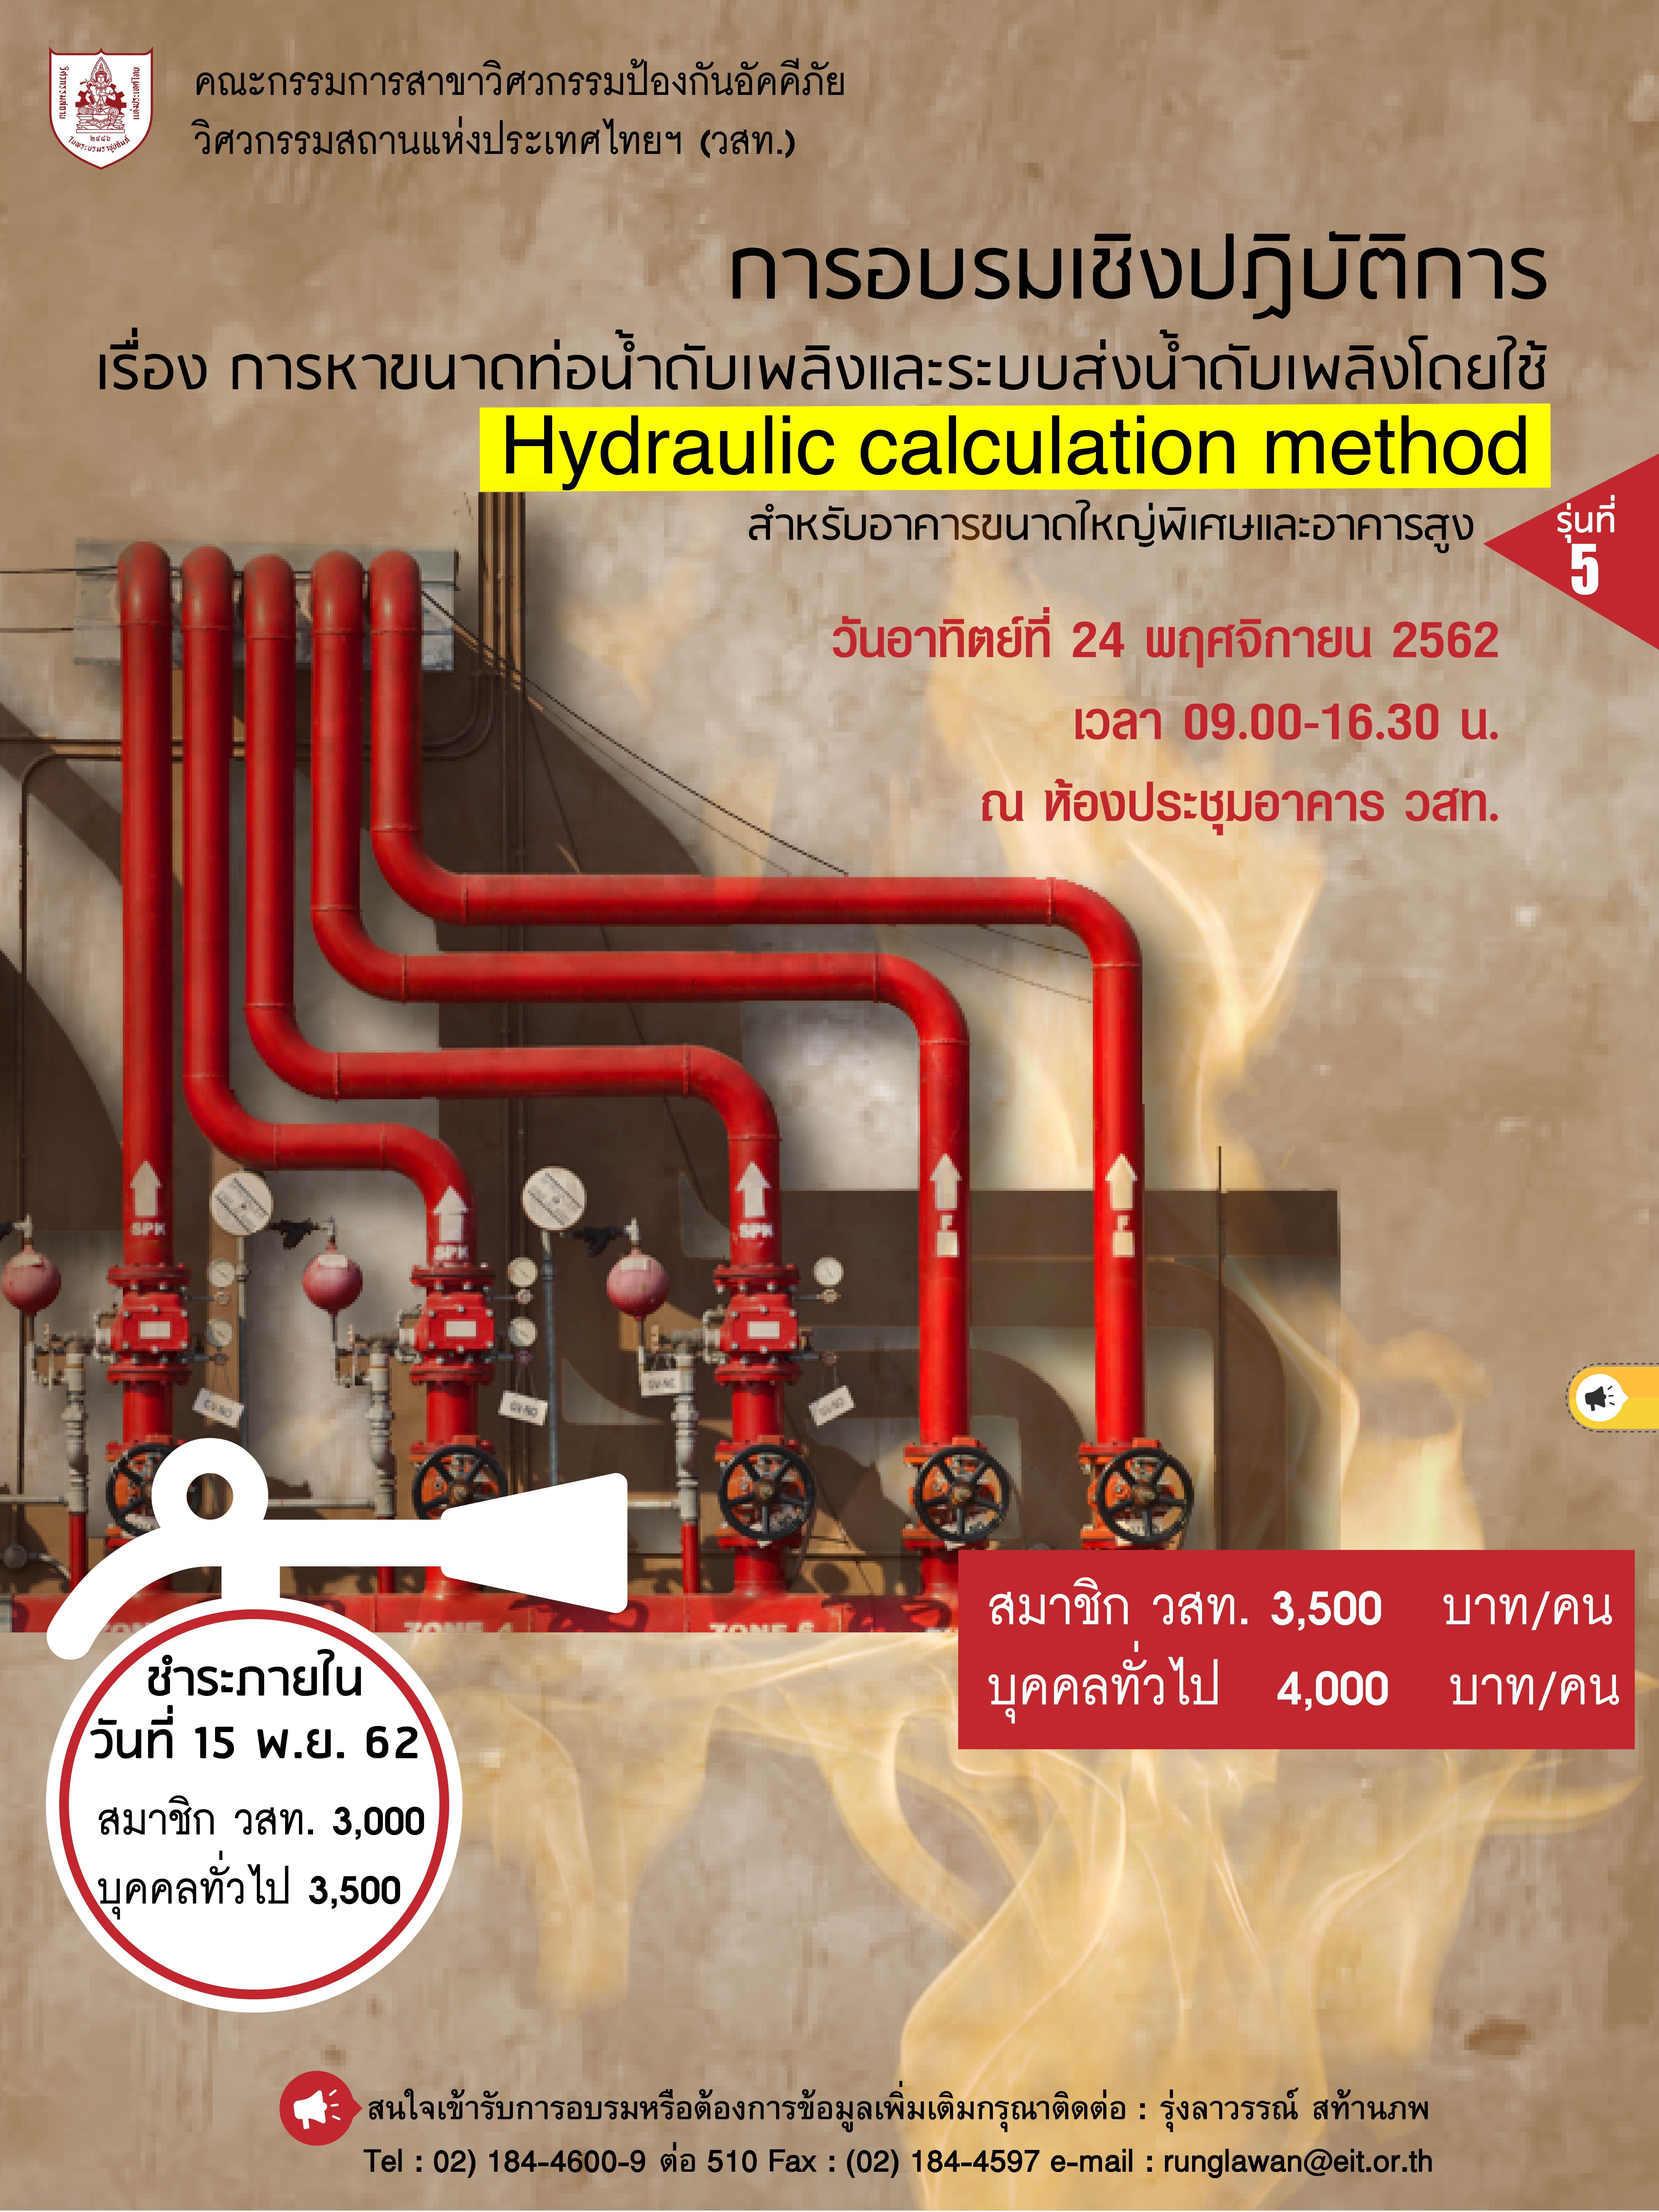 24/11/2562การอบรมเชิงปฏิบัติการเรื่อง การหาขนาดท่อน้ำดับเพลิงและระบบส่งน้ำดับเพลิงโดยใช้ Hydraulic calculation method  สำหรับอาคารขนาดใหญ่พิเศษและอาคารสูง รุ่นที่ 5